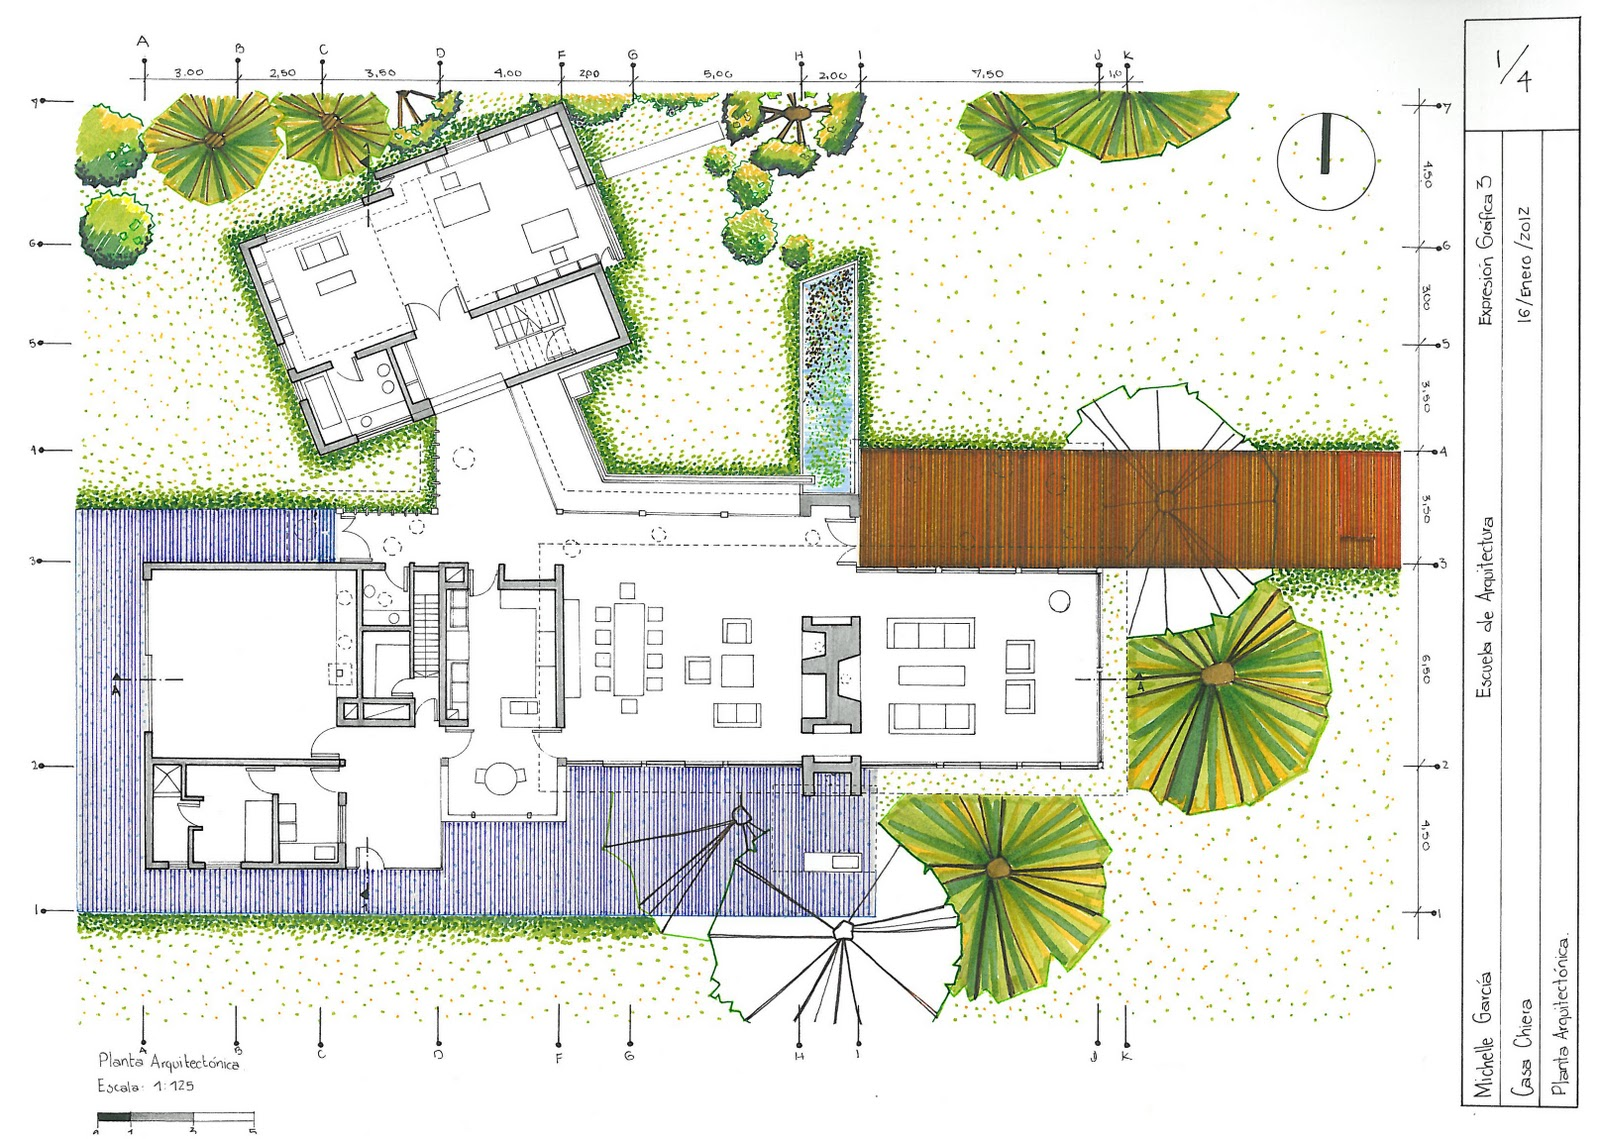 Arquitectura uda expresion y representacion grafica 3b for Representacion arquitectonica en planos